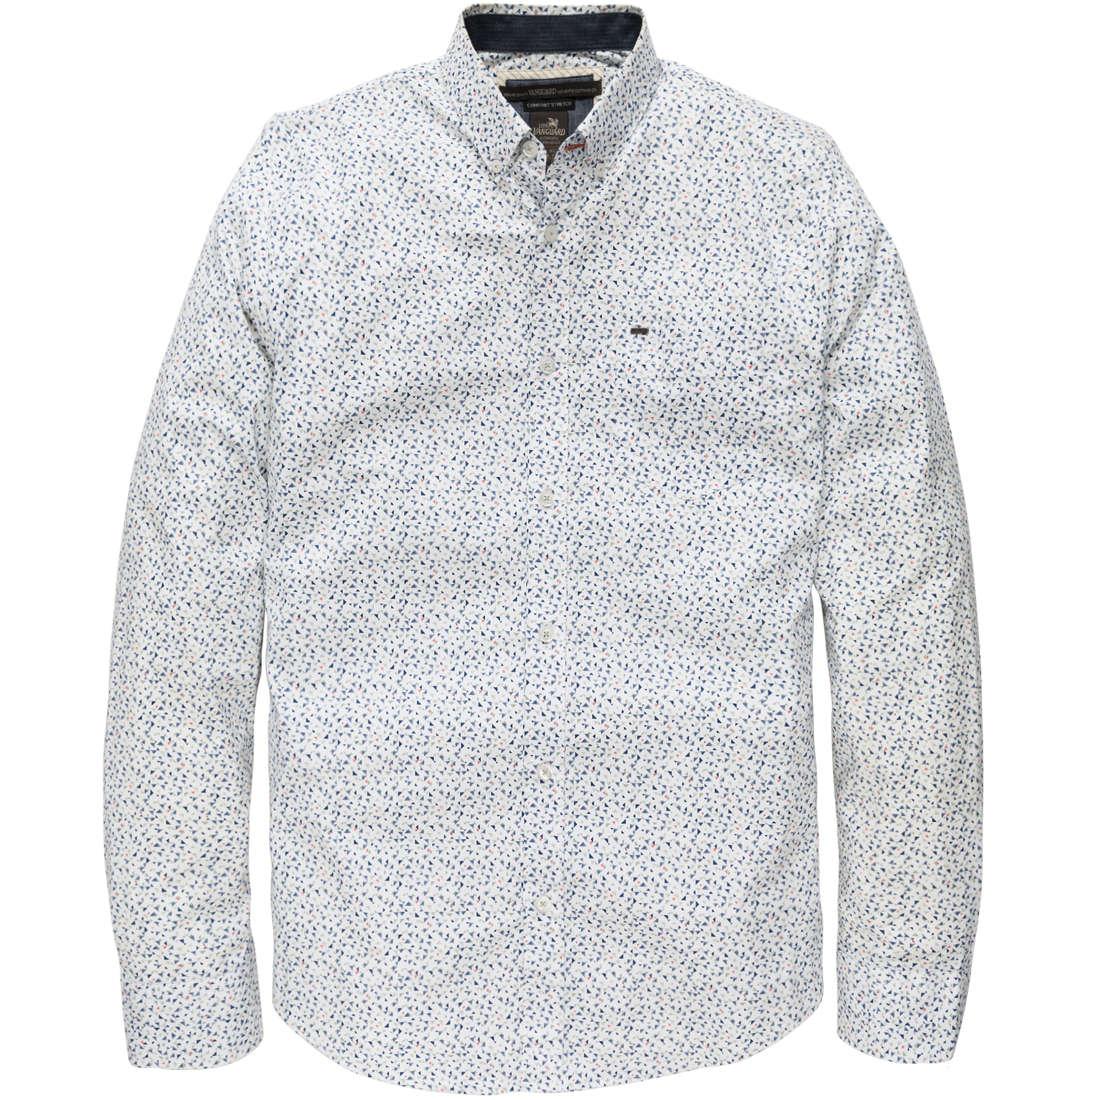 Vanguard overhemd vsi188400 in het Wit